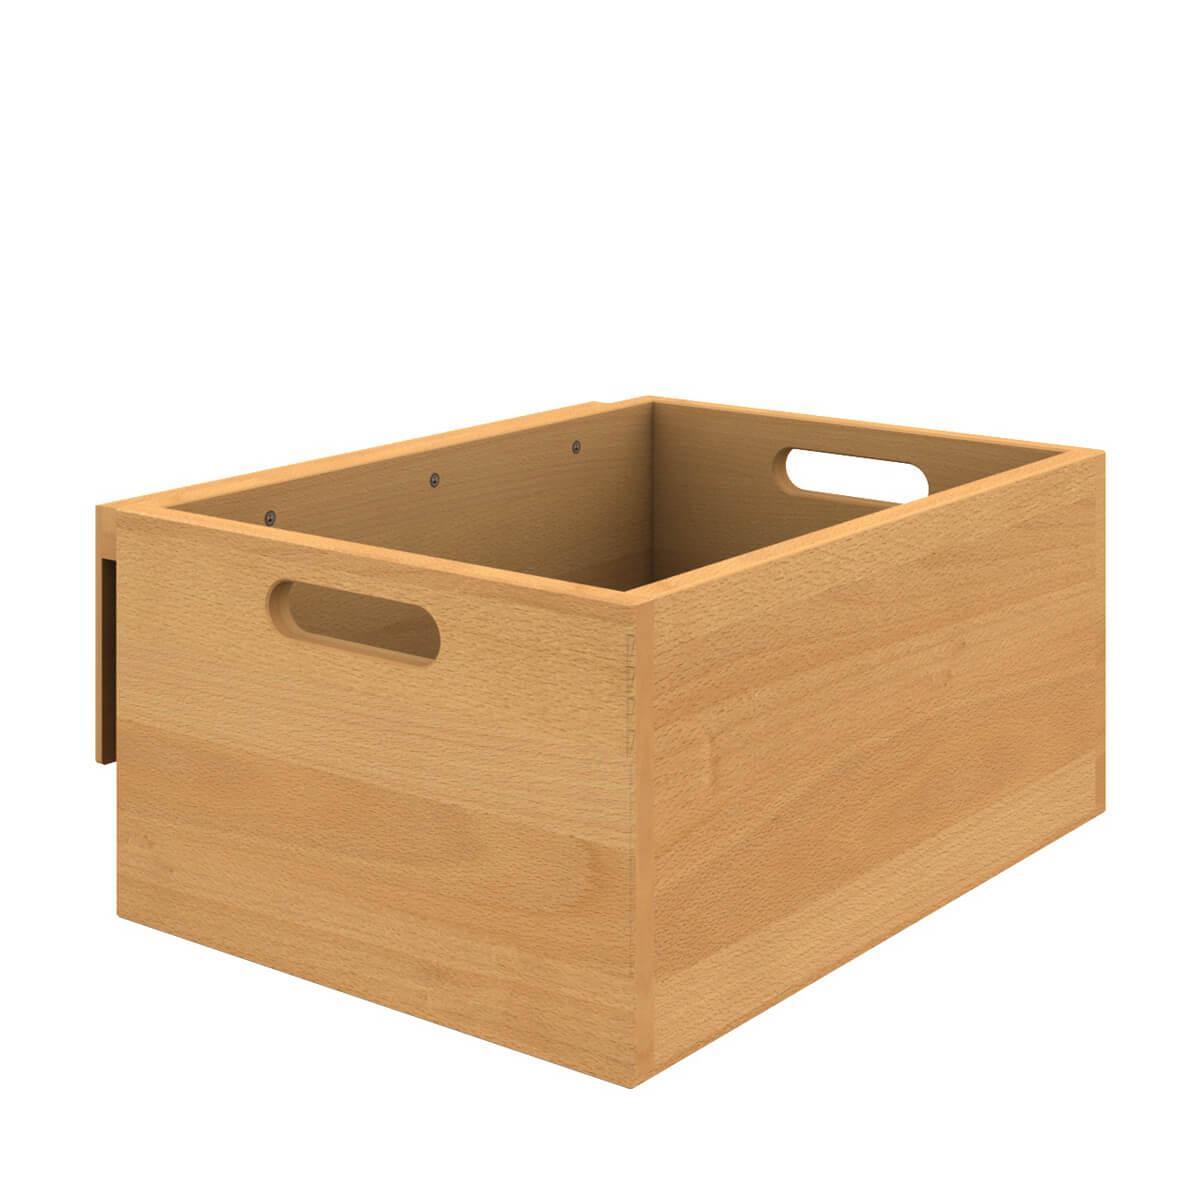 Caja almacenamiento colgante cama DESTYLE de Breuyn haya aceitada